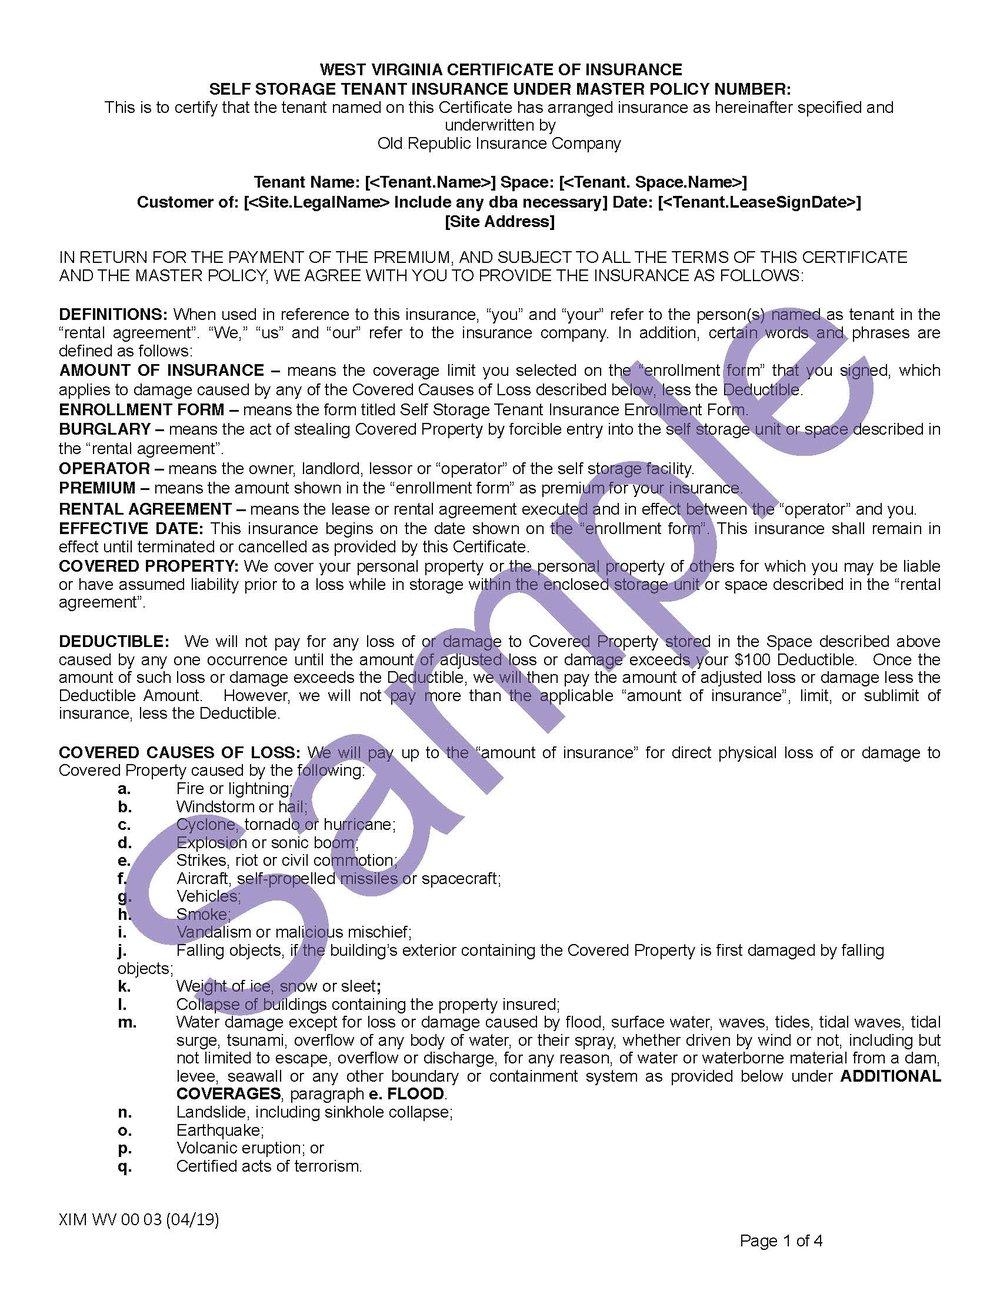 XIM WV 00 03 04 19 West Virginia Certificate of InsuranceSample_Page_1.jpg